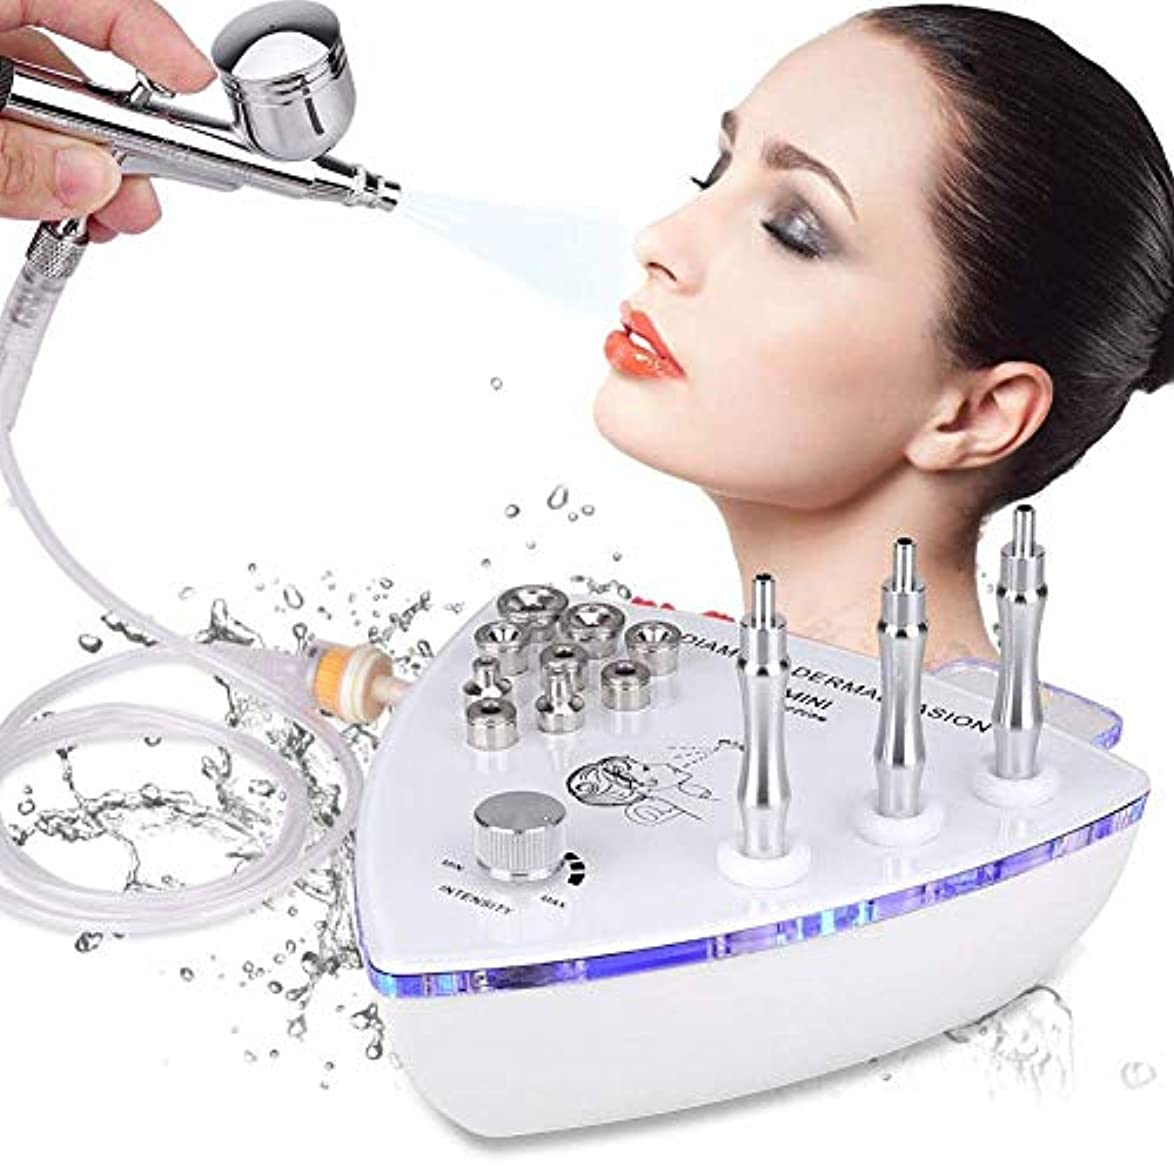 習熟度うめき盗賊スプレーガン水と美容機器 - ダイヤモンドマイクロダーマブレーション皮膚剥離機は真空吸引剥離フェイシャルマッサージ、しわフェイスピーリングマシン、顔の皮膚剥離装置スプレー